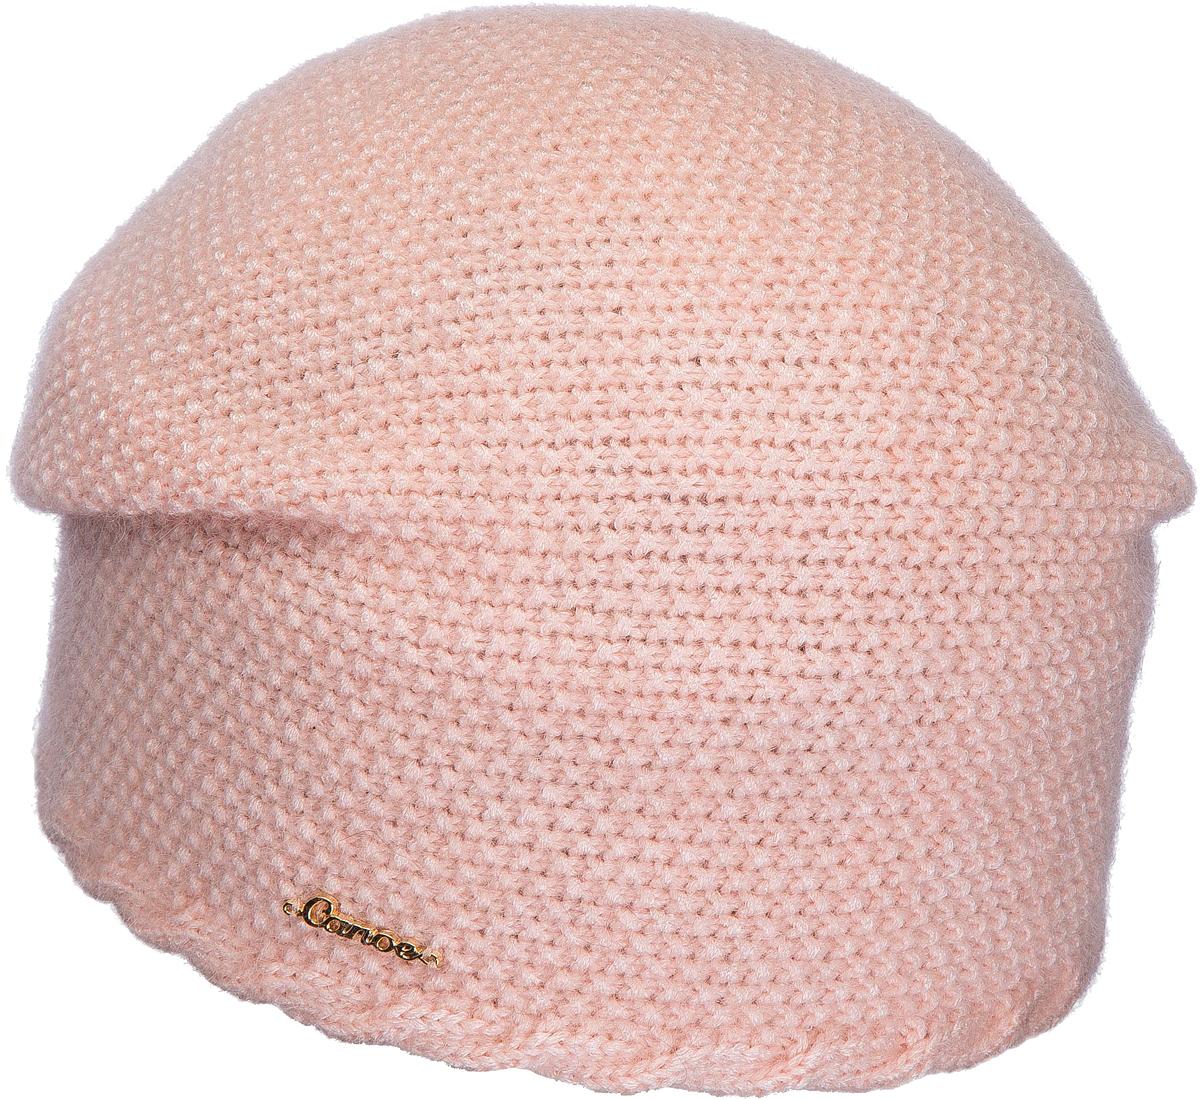 Шапка женская Canoe Lunita, цвет: светло-розовый. 3445952. Размер 56/58